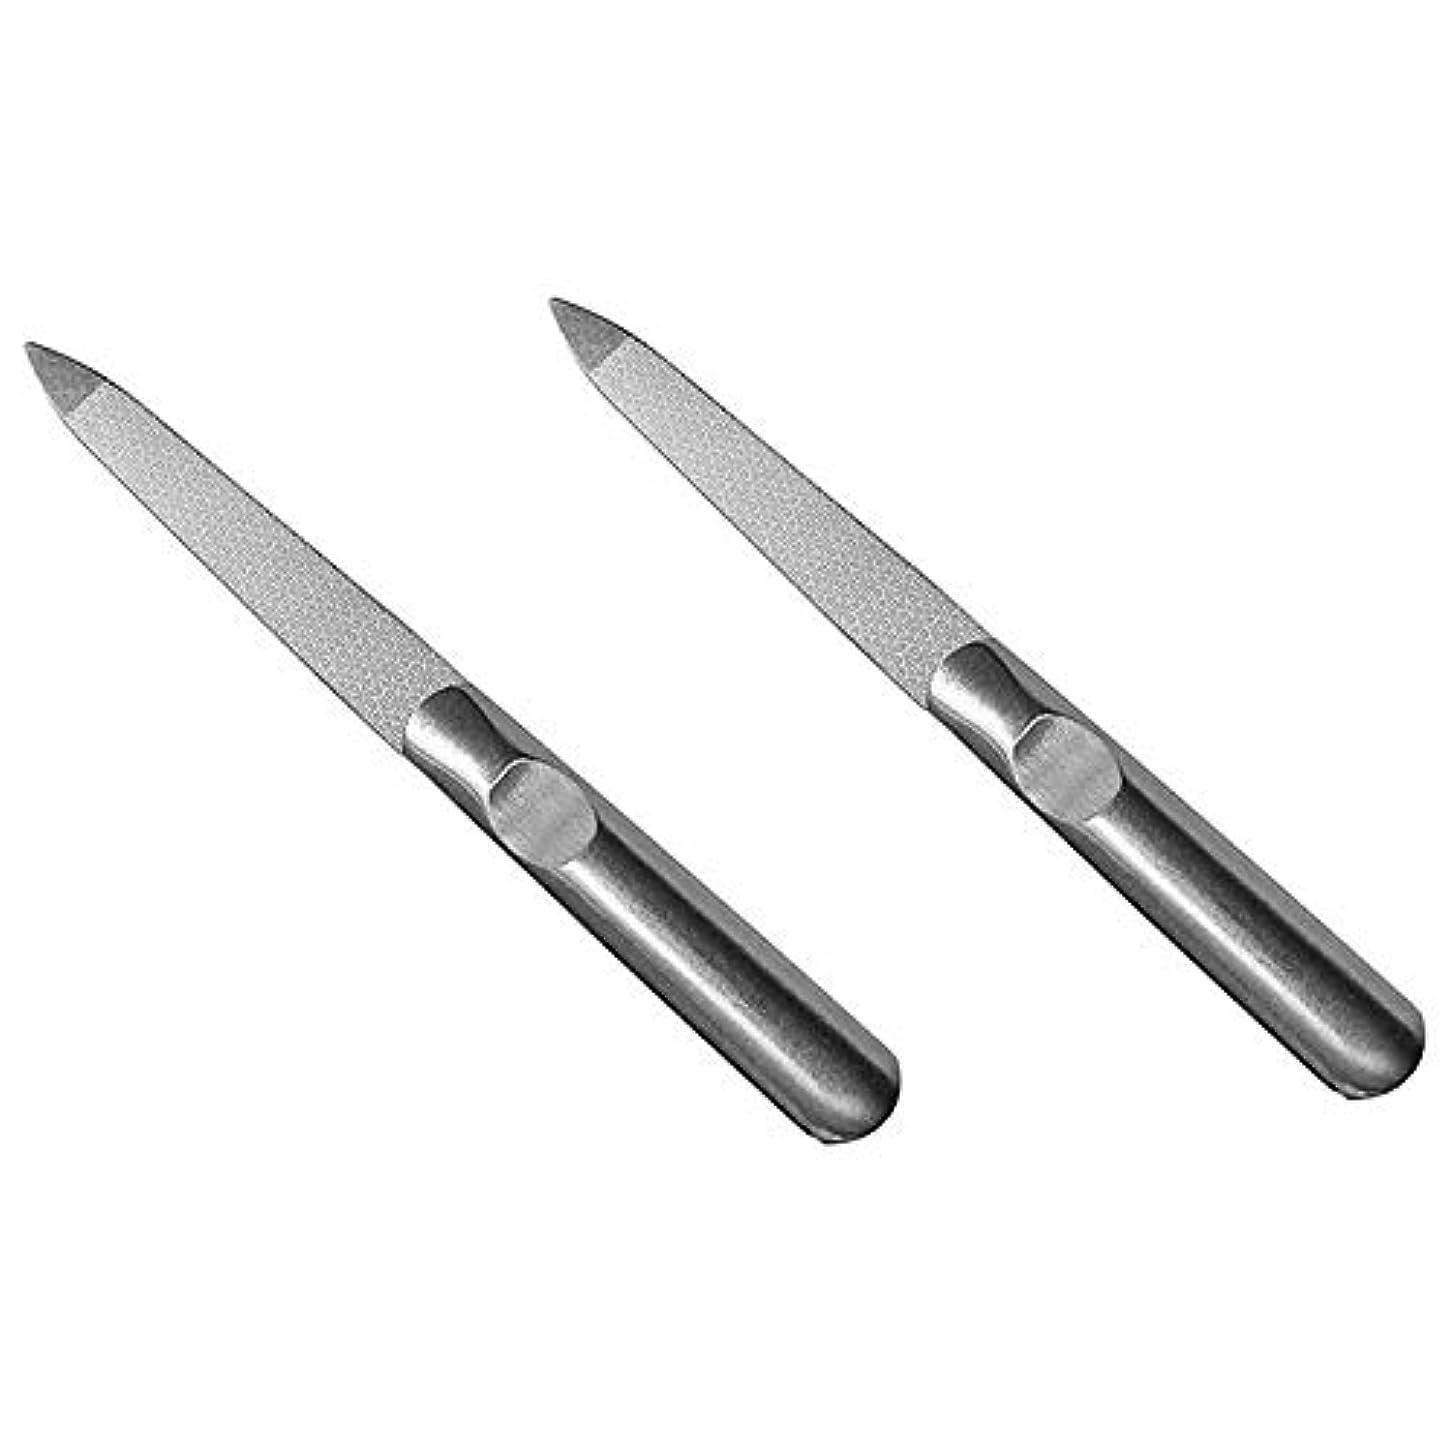 変成器パトロンスツールSemoic 2個 ステンレススチール ネイルファイル 両面マット アーマー美容ツール Yangjiang爪 腐食の防止鎧